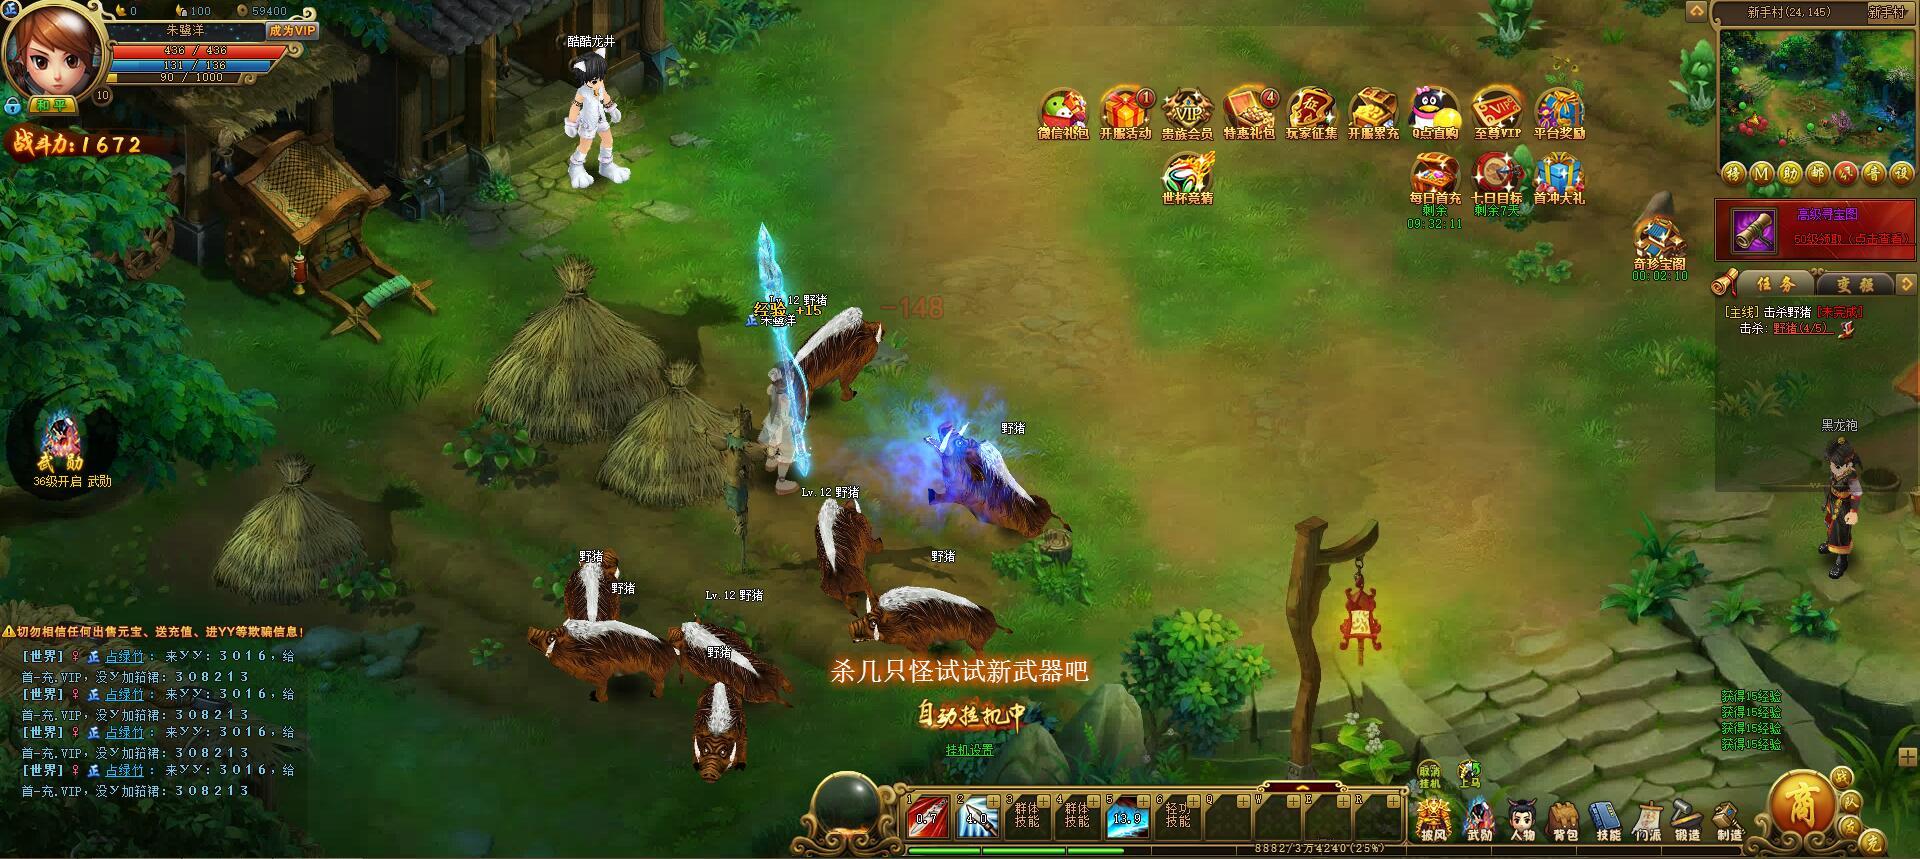 《热血江湖传》游戏截图